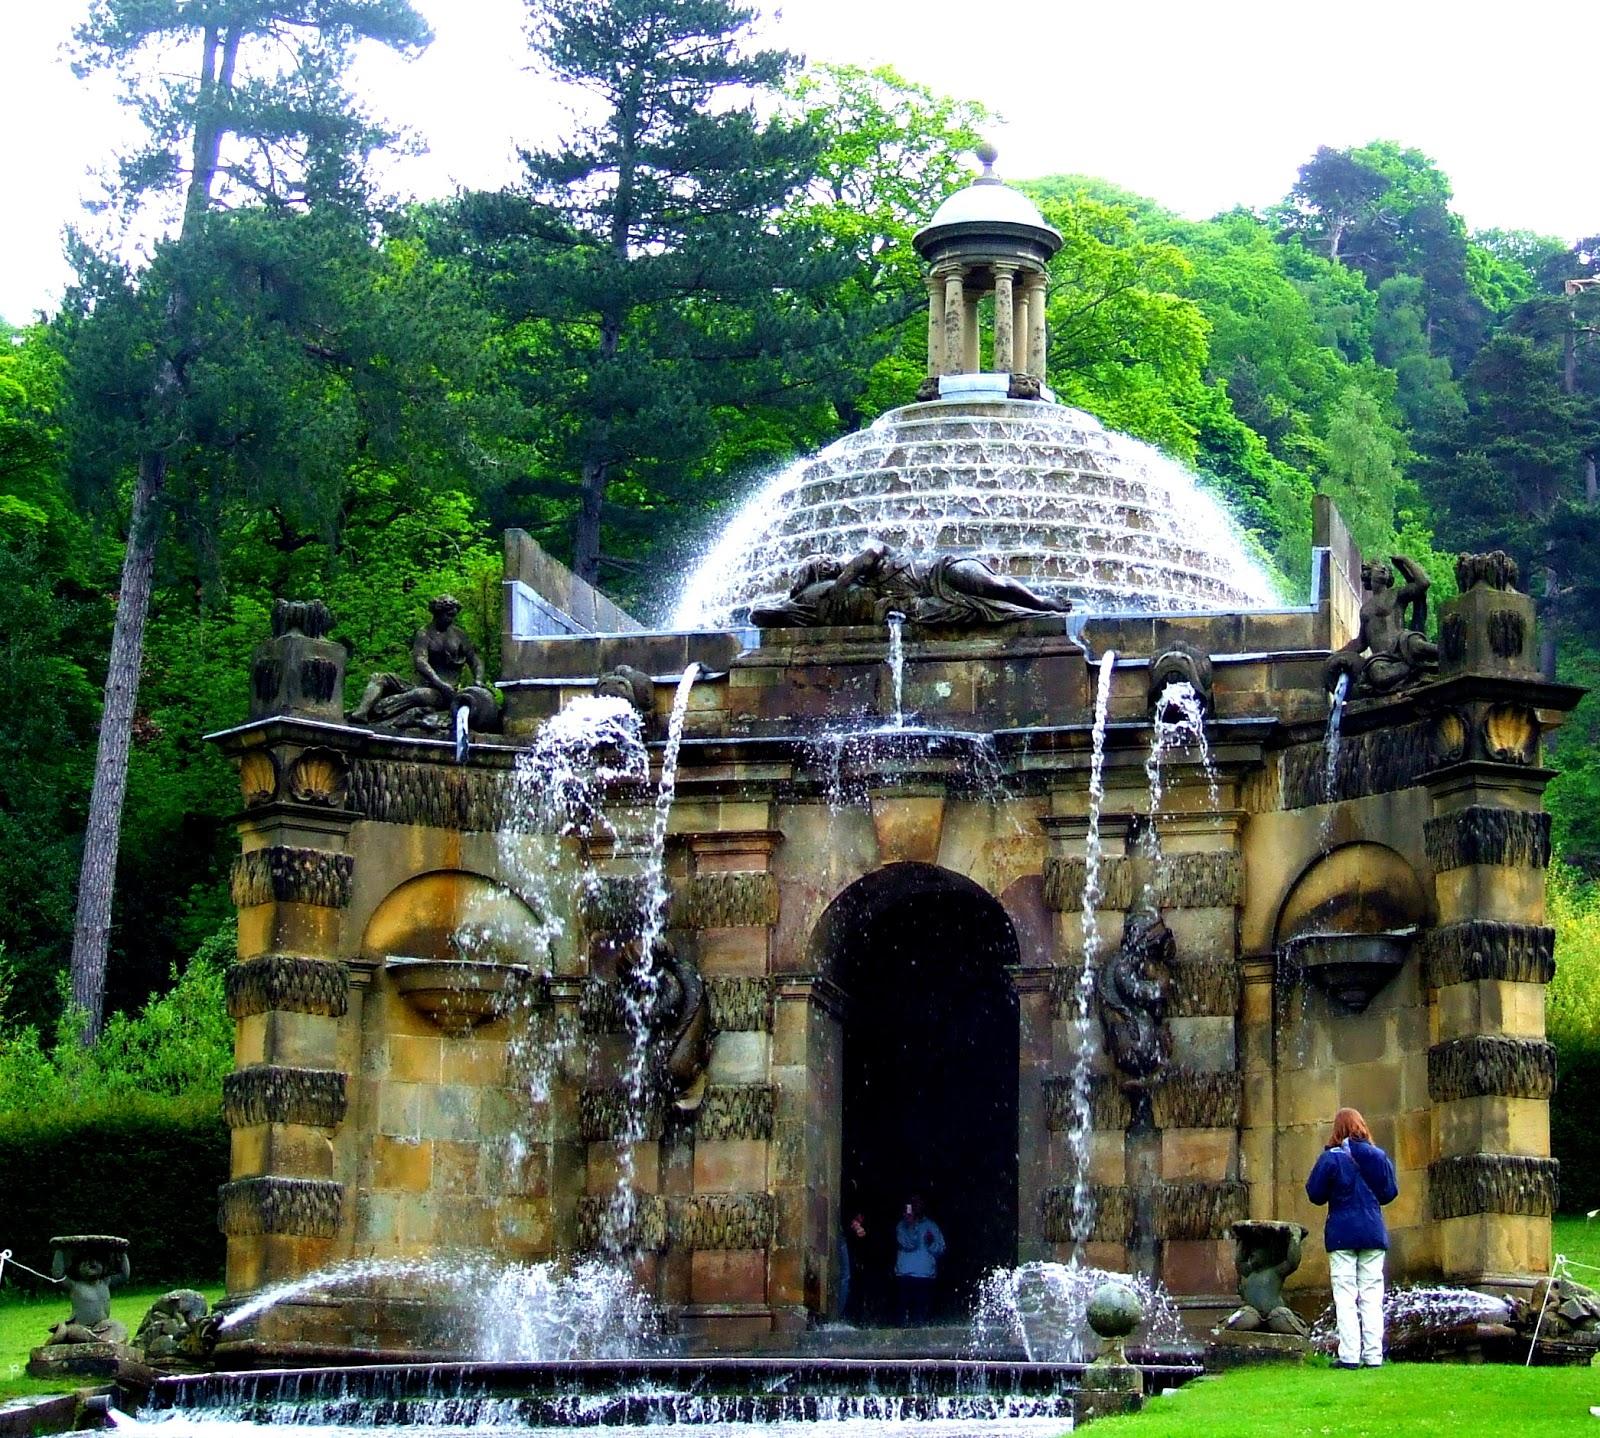 http://1.bp.blogspot.com/-1w3aBj05Rfw/UKa42QbfM4I/AAAAAAACVAY/G05wn2mirzU/s1600/Cascade_House_Chatsworth_Derbyshire_UK.JPG